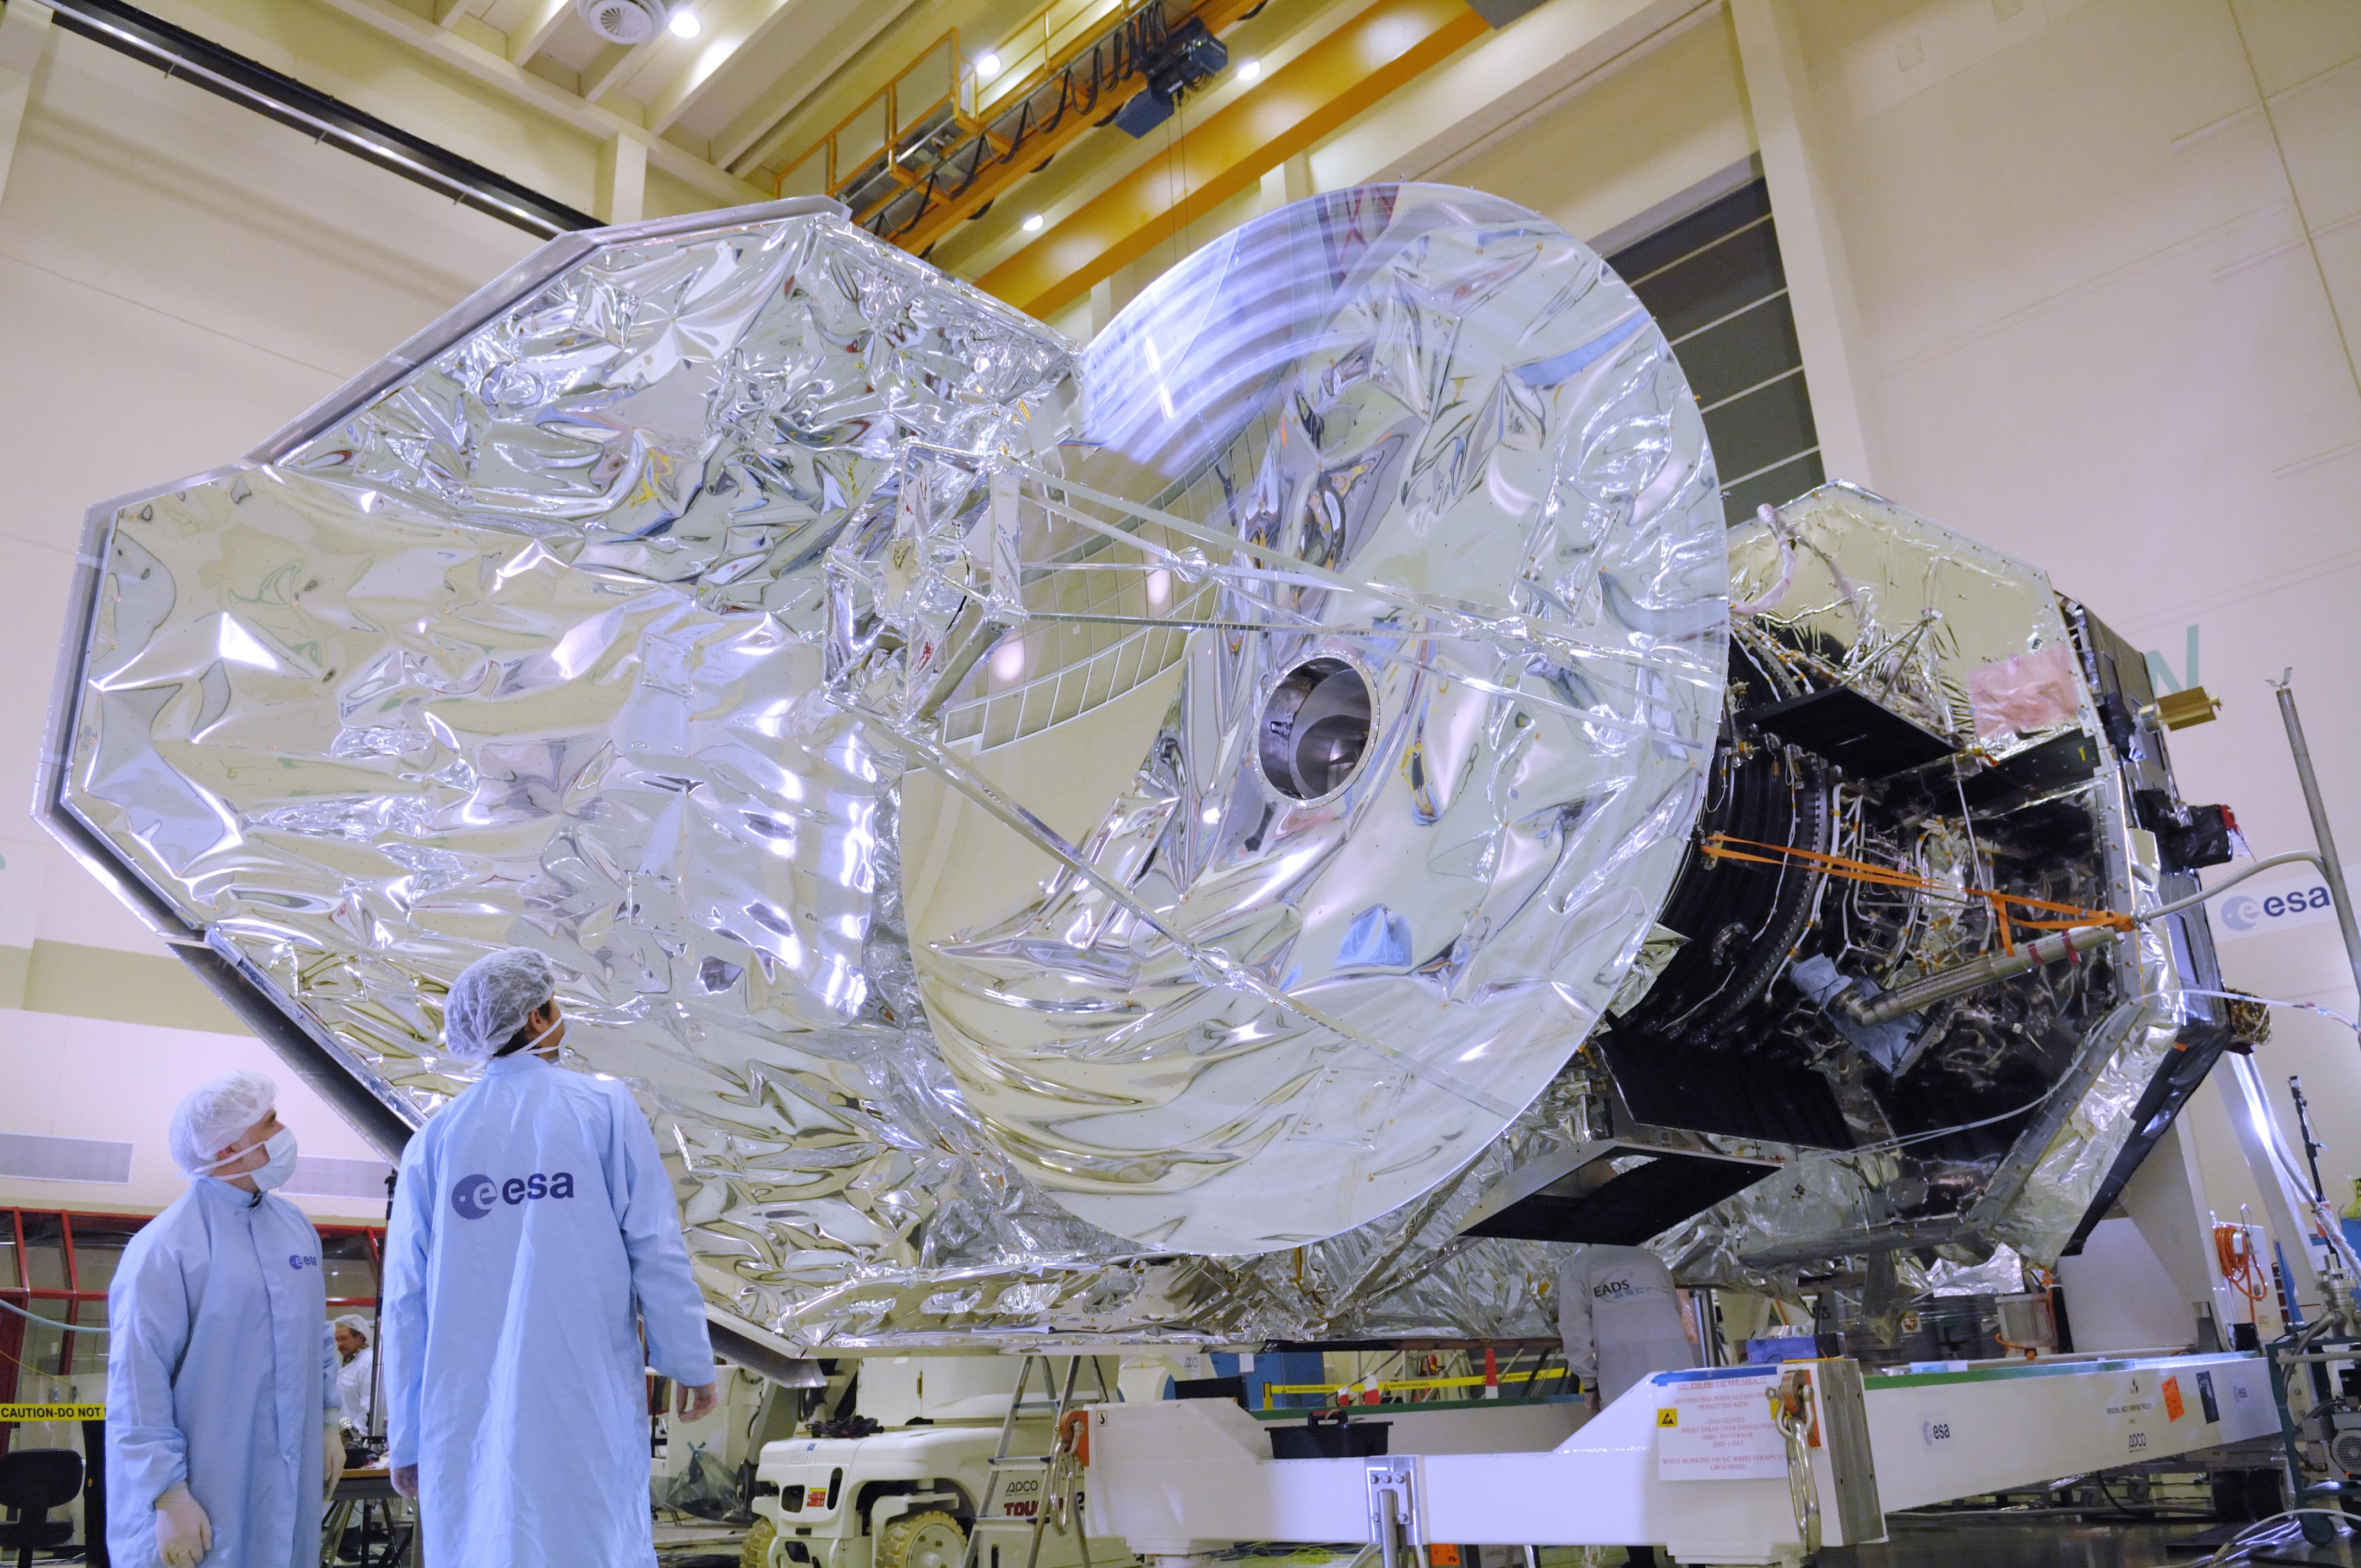 1567217022549-Herschel_spacecraft-photo_2009.jpg